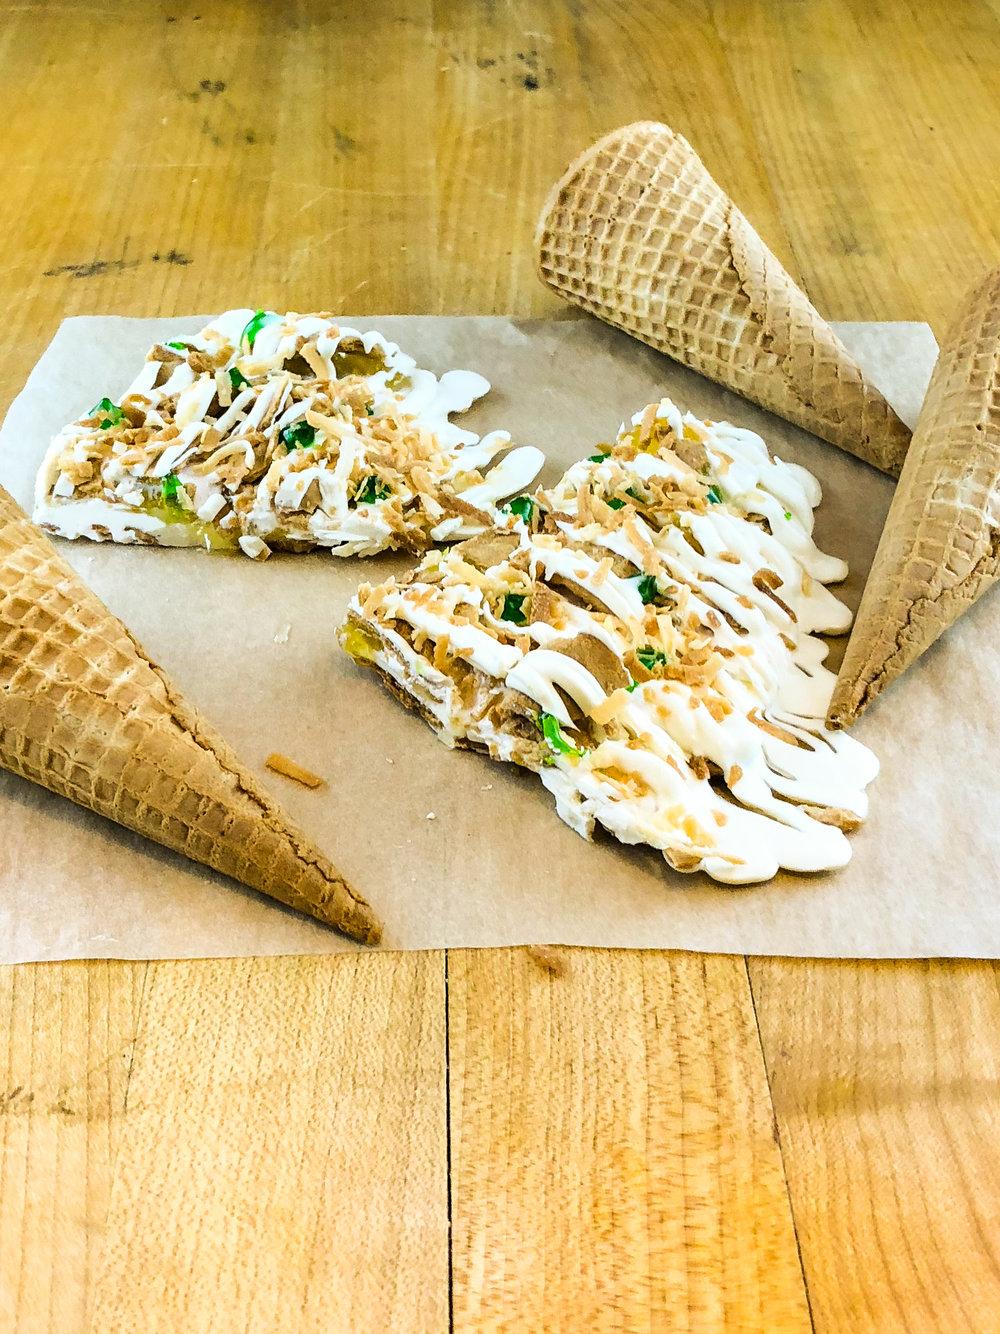 pina colada brittle with ice cream cones